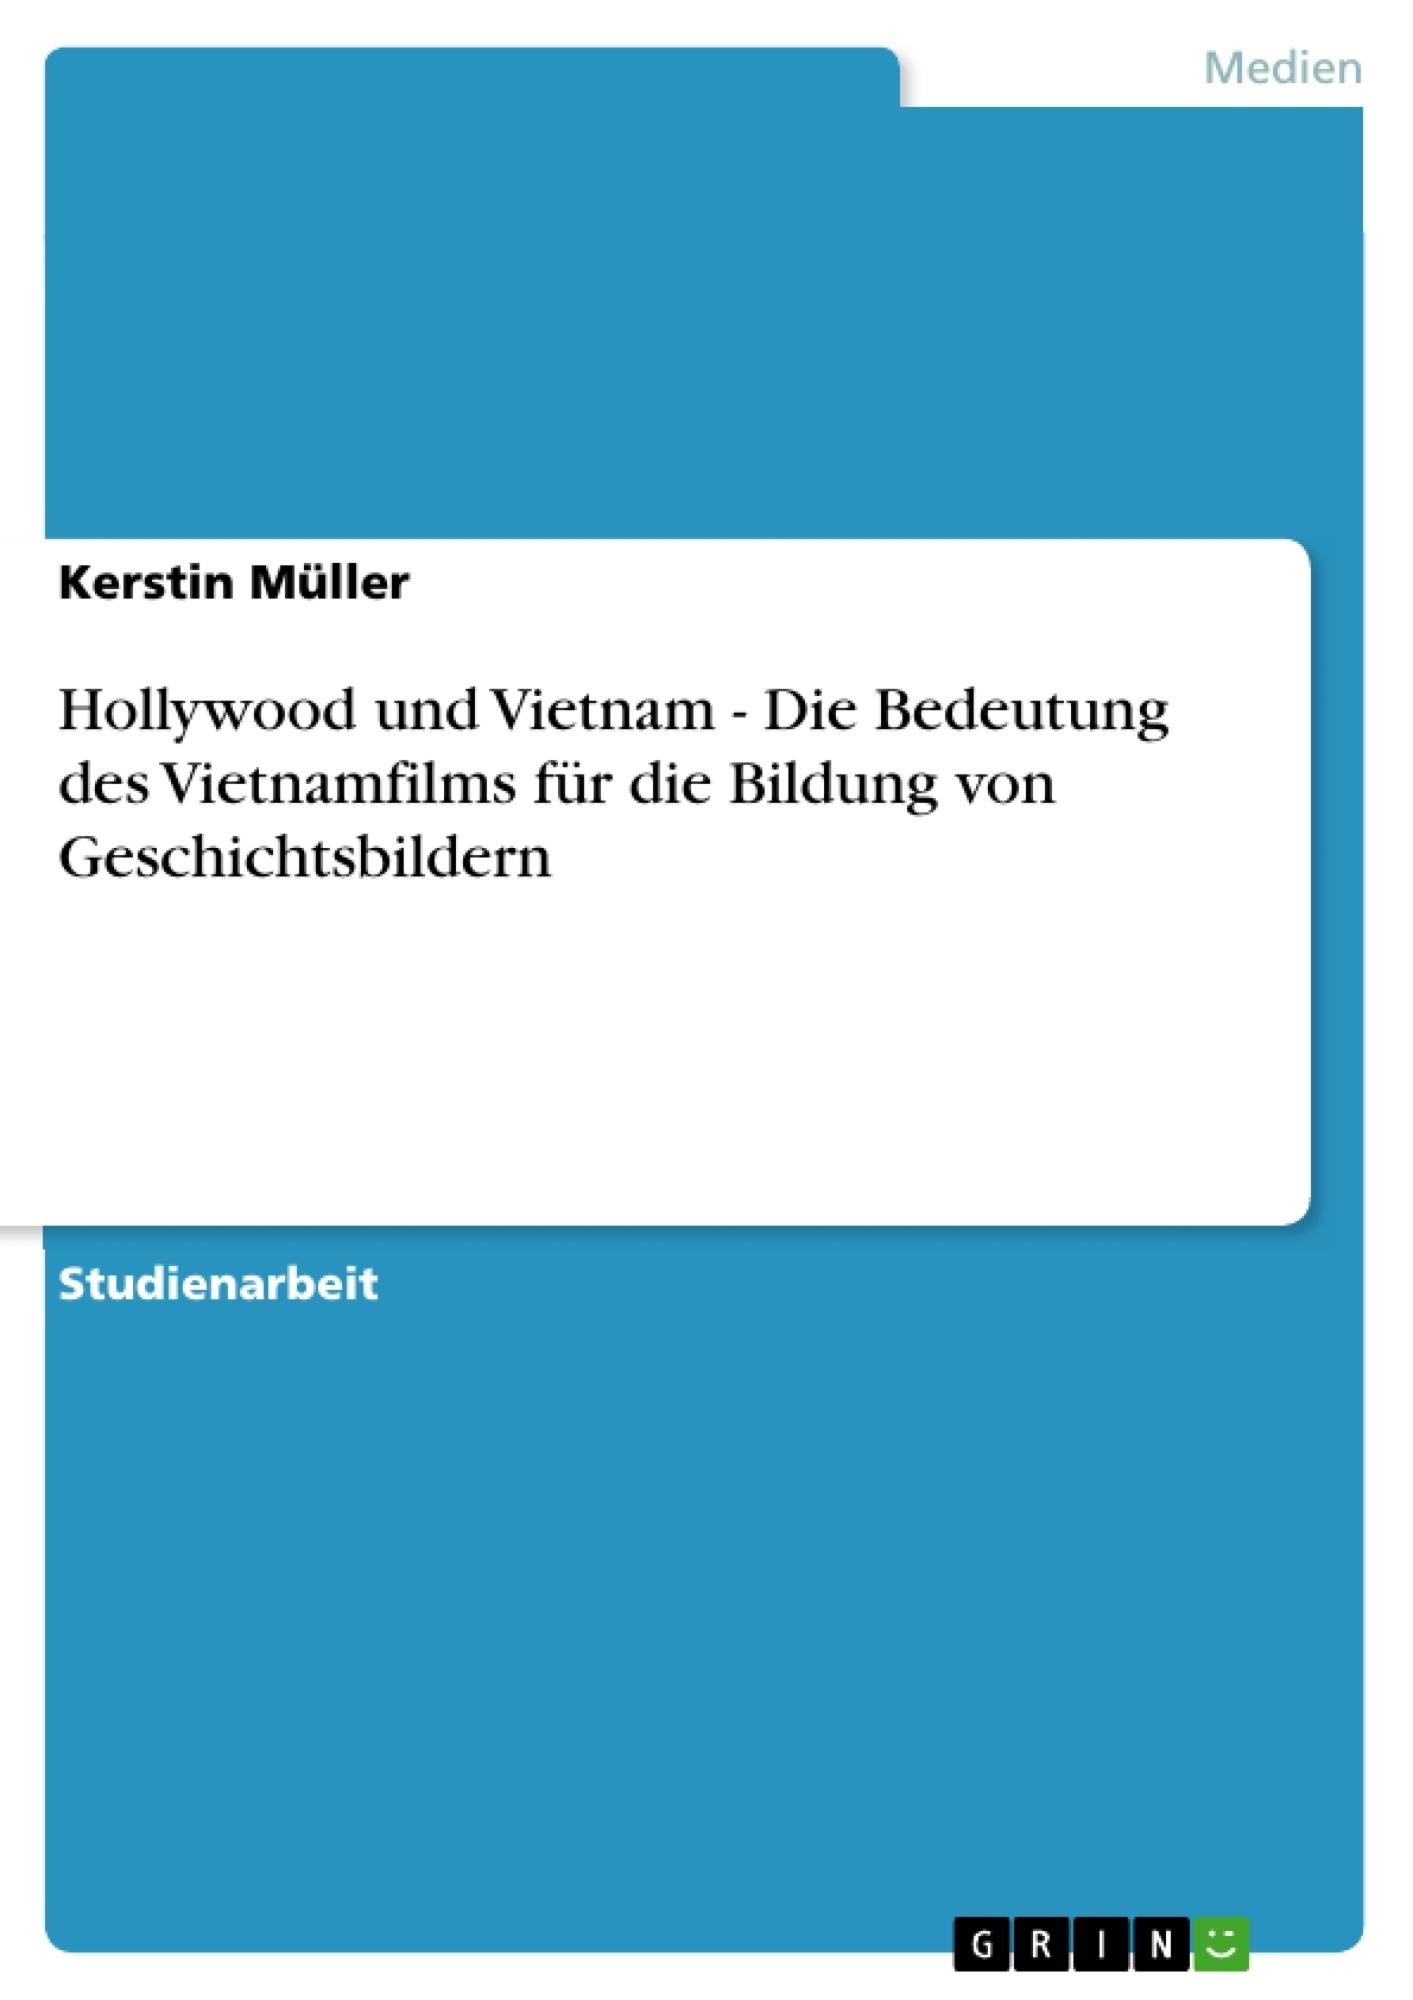 Titel: Hollywood und Vietnam - Die Bedeutung des Vietnamfilms für die Bildung von Geschichtsbildern